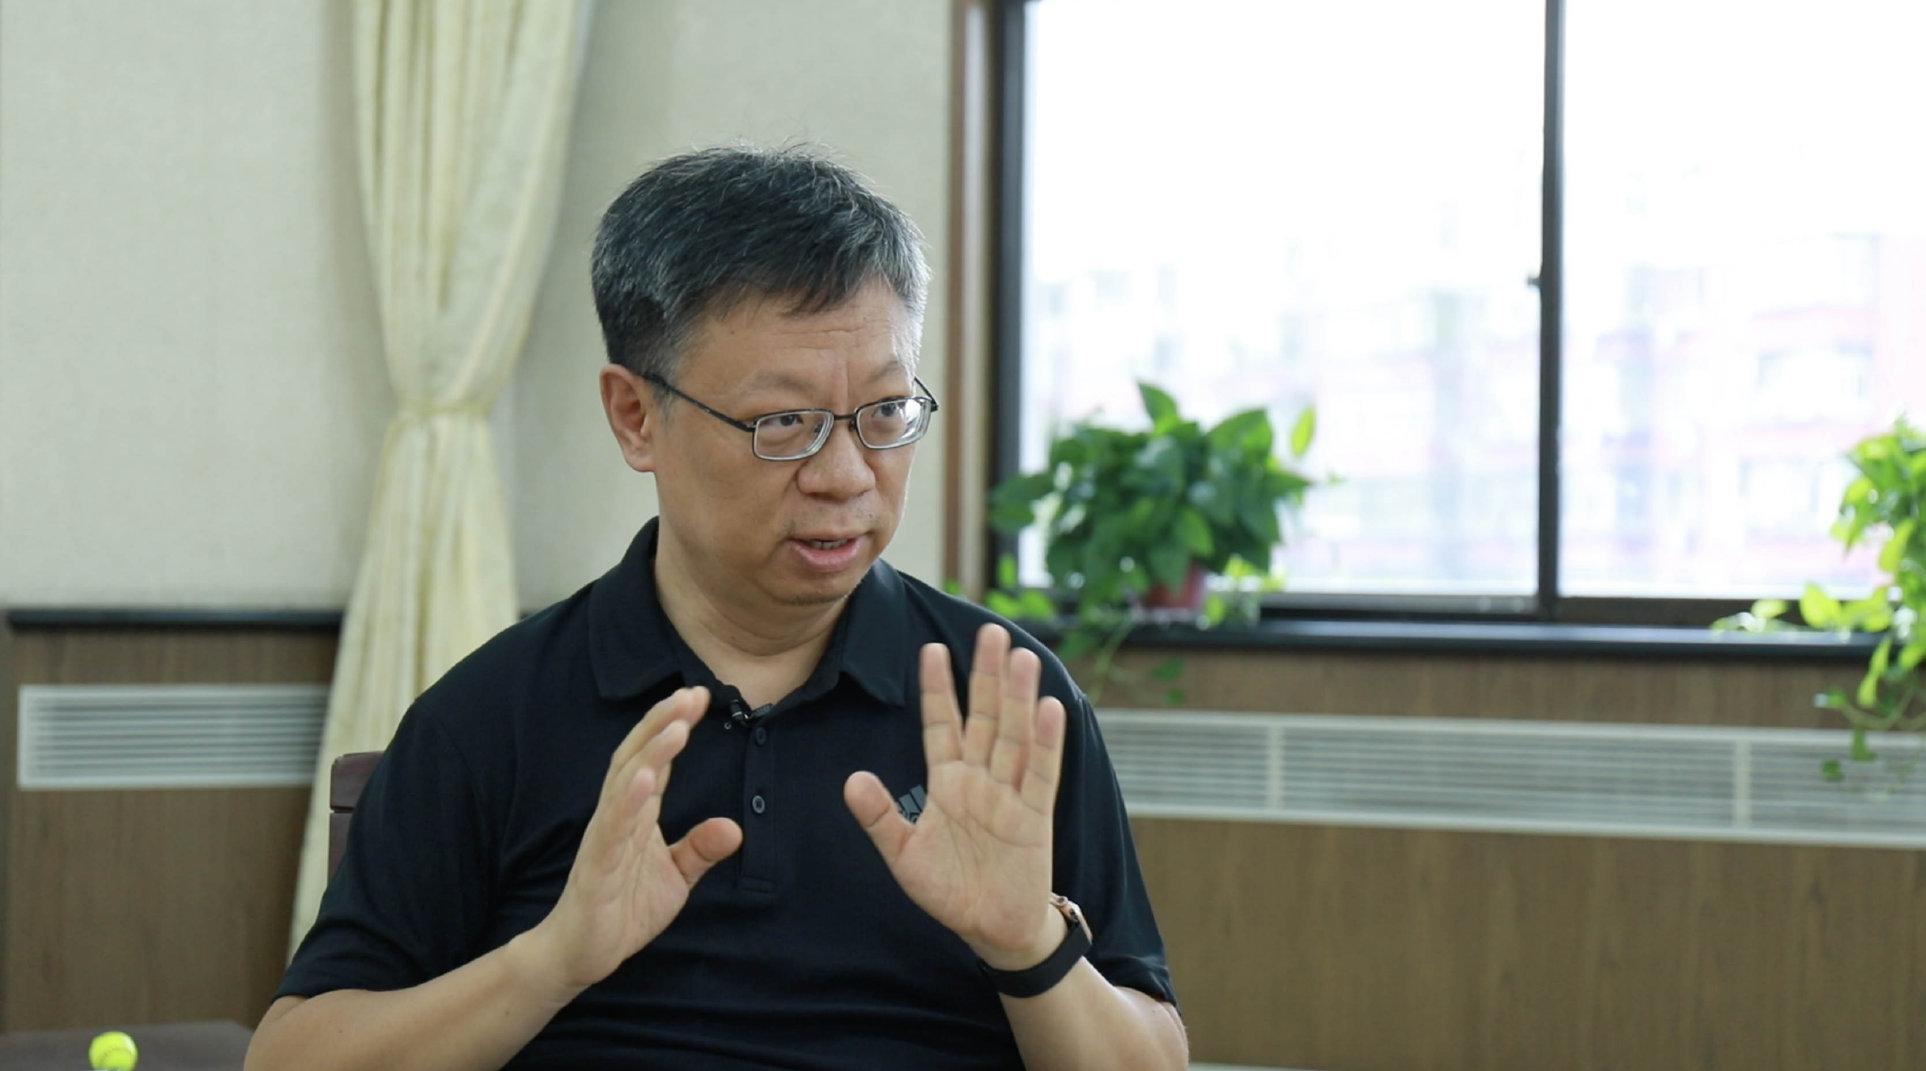 专访|北京市体育局副局长杨海滨:北京晚报百队杯不只是足球